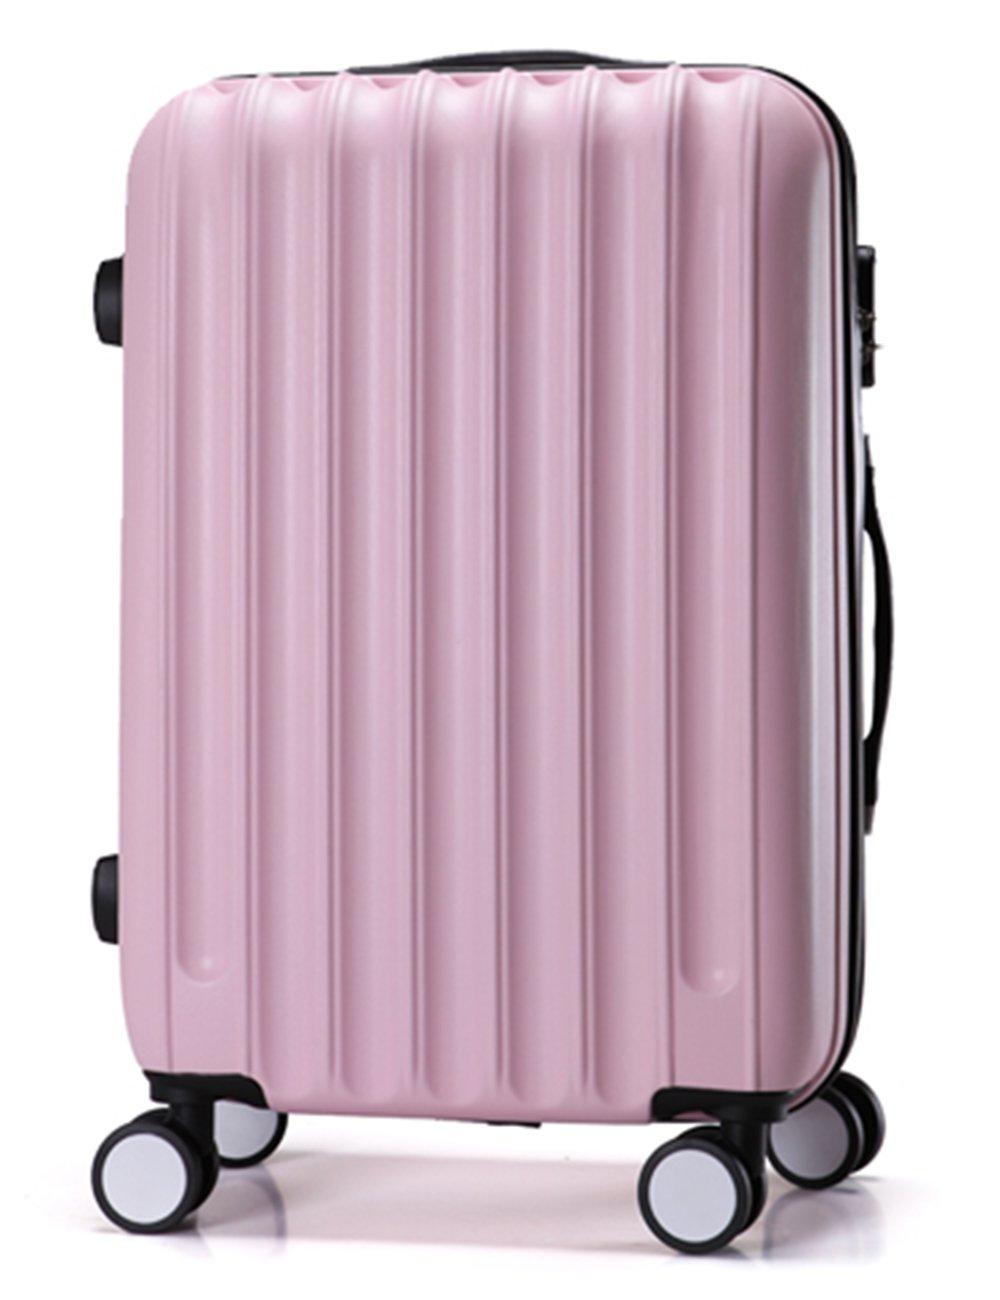 万向轮飞机大轮男女商务登机行李箱